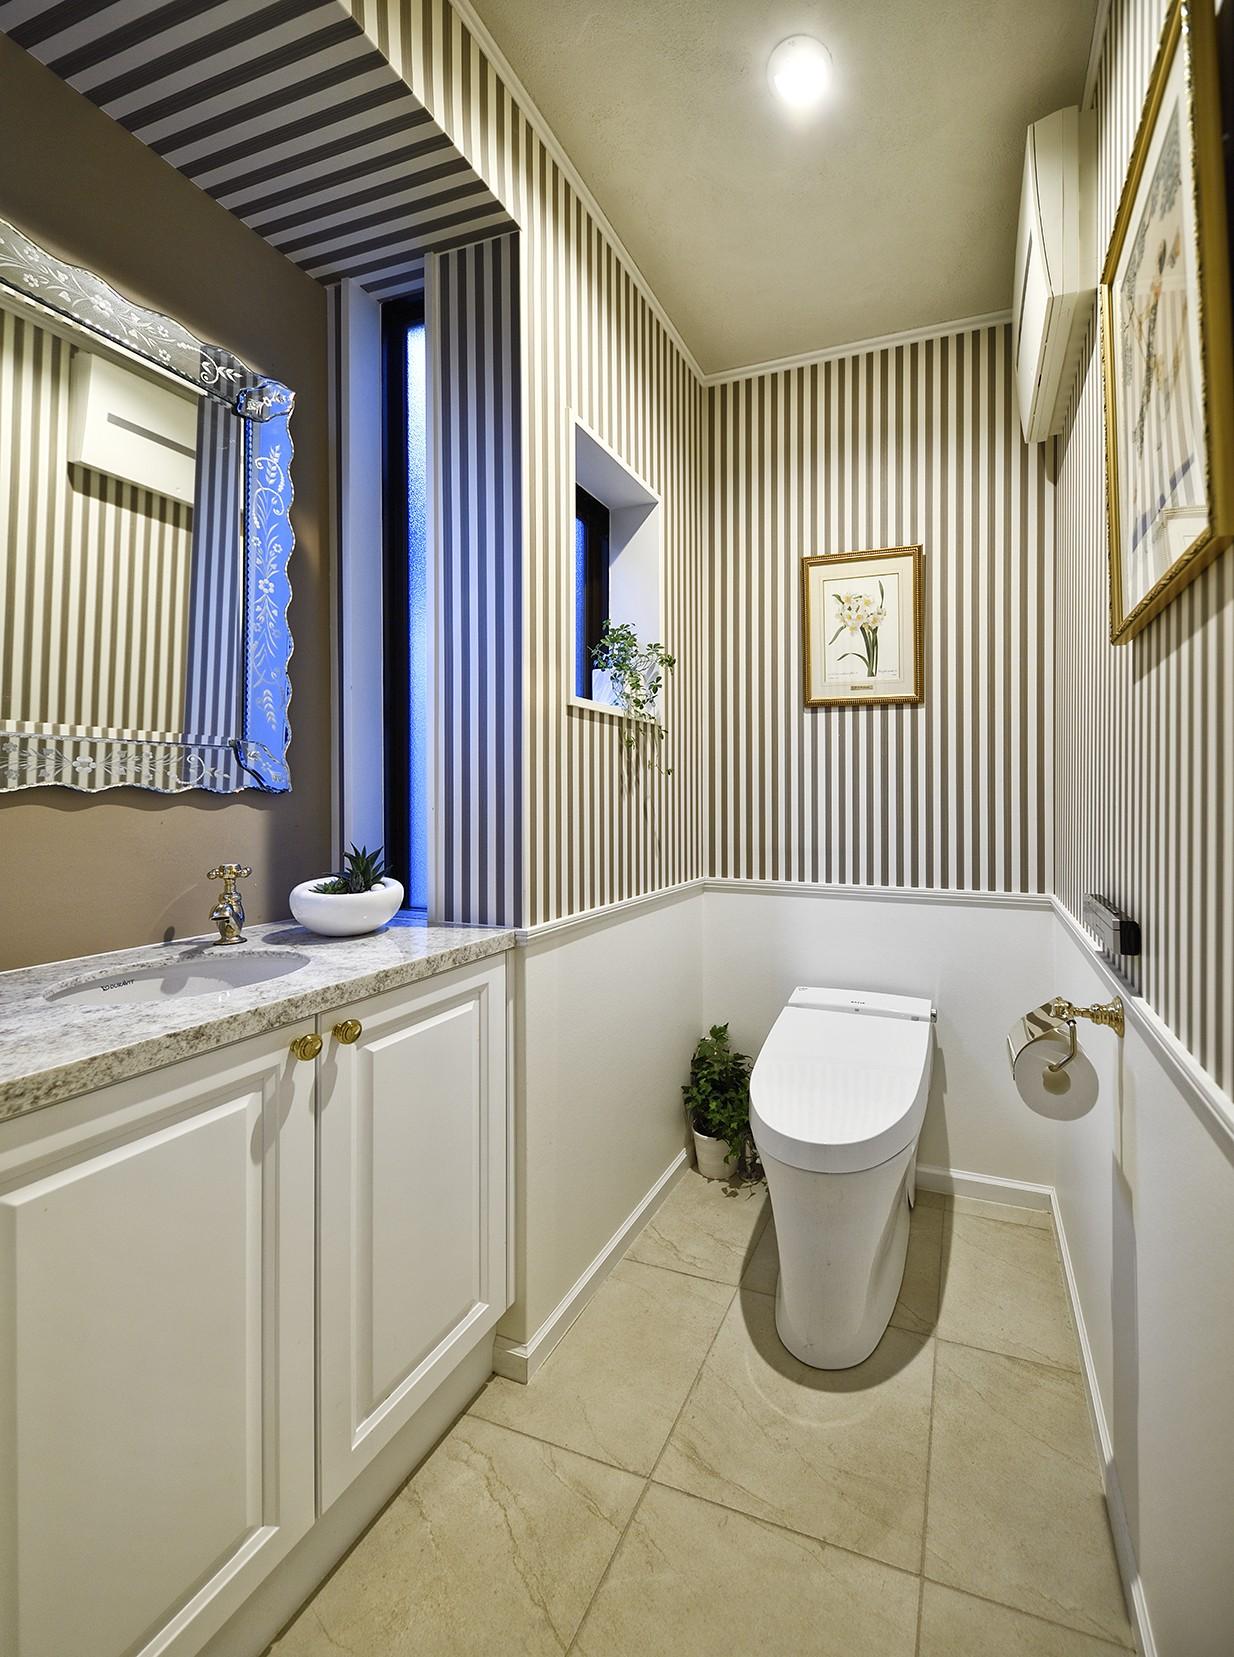 壁紙の模様が映えるトイレ 北欧ヴィンテージ インテリアを愉しむ住まい バス トイレ事例 Suvaco スバコ